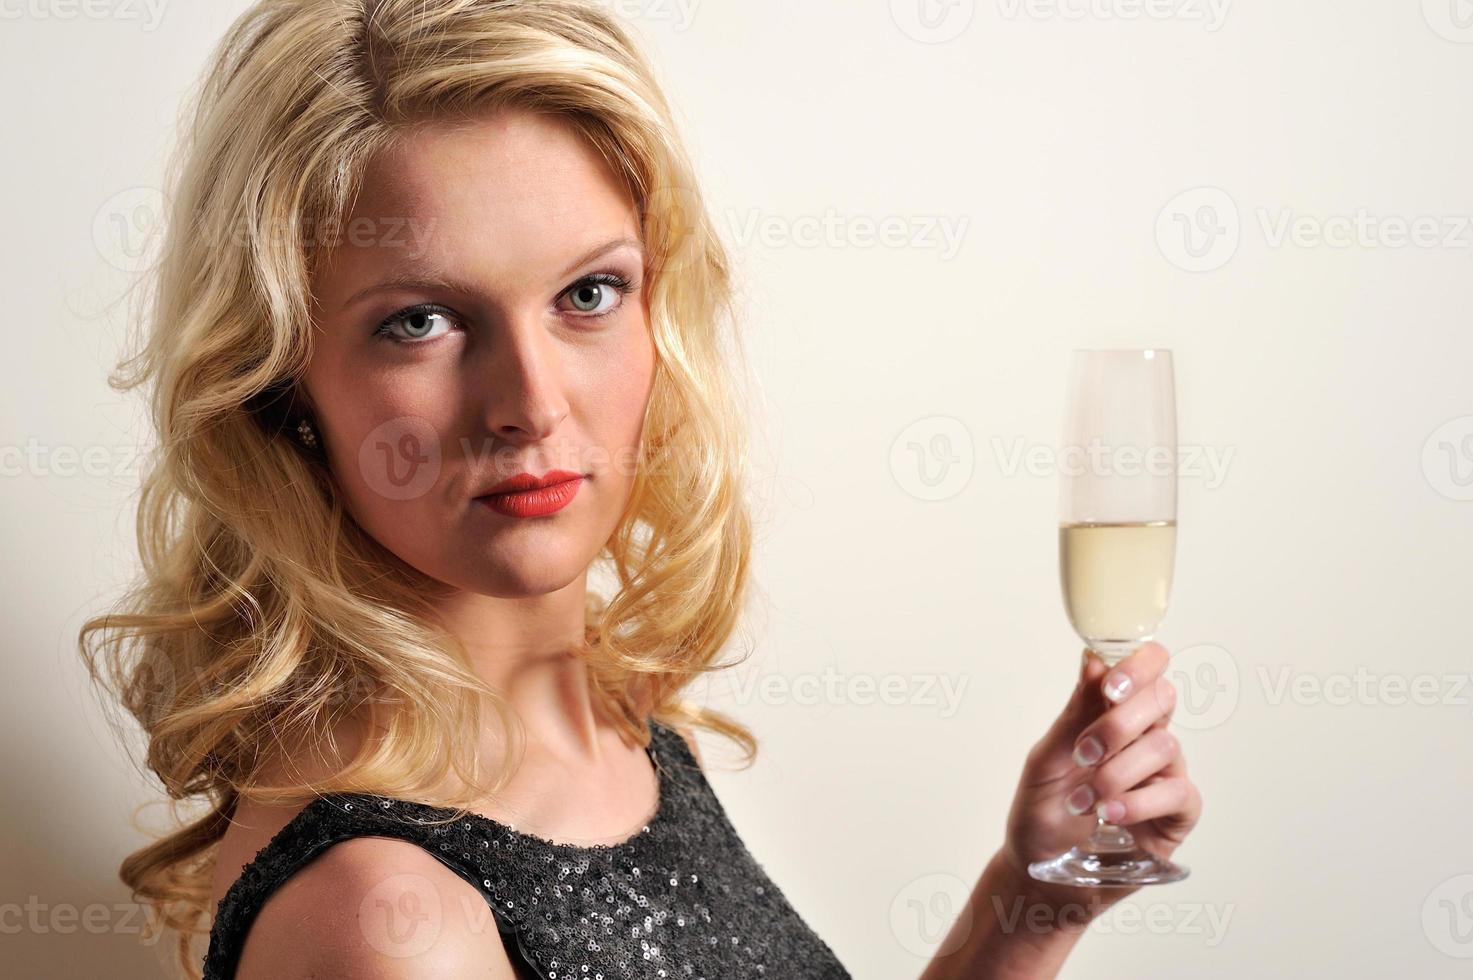 criando champaña foto